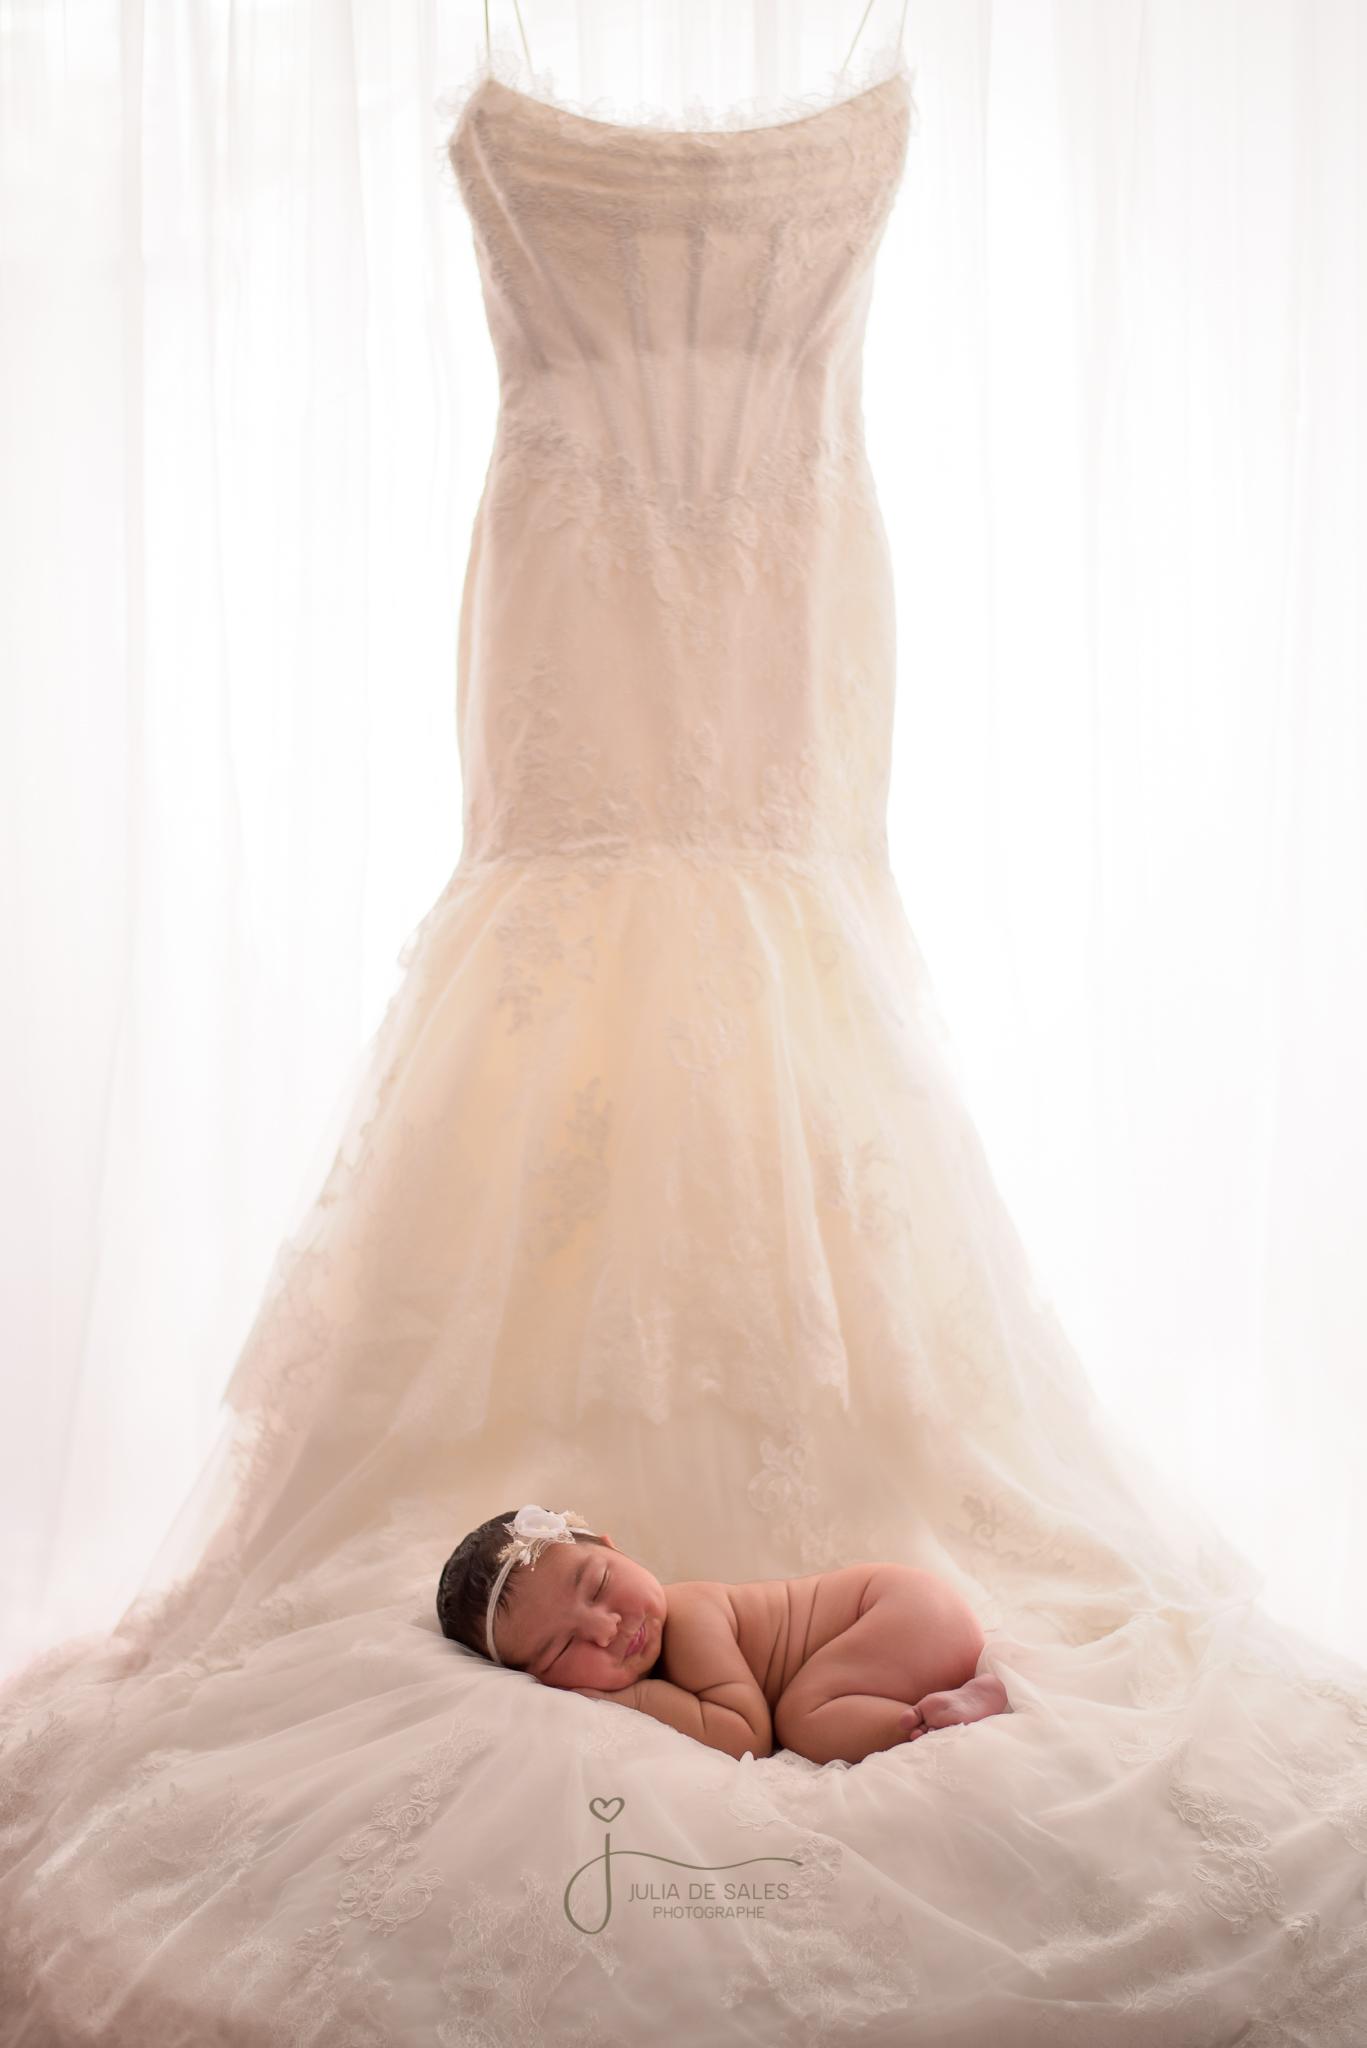 DUO complet - • Séance de Maternité en studio, chez le client ou à l'extérieur •• Maman seul ou avec famille avec 3 vêtements et 1 voilage •• 1 heure et demi de séance de maternité •• 15 photos numériques retouchées de maternité •• Séance de Nouveau-né en studio •• 2-3 heures de séance avec 3 décors/accesoires (bébé et famille)•• 25 photos numériques retouchées de nouveau-né •• 3 mini-albuns accordéon •• 1 album 10x101700$Photos supplementaires sur demande